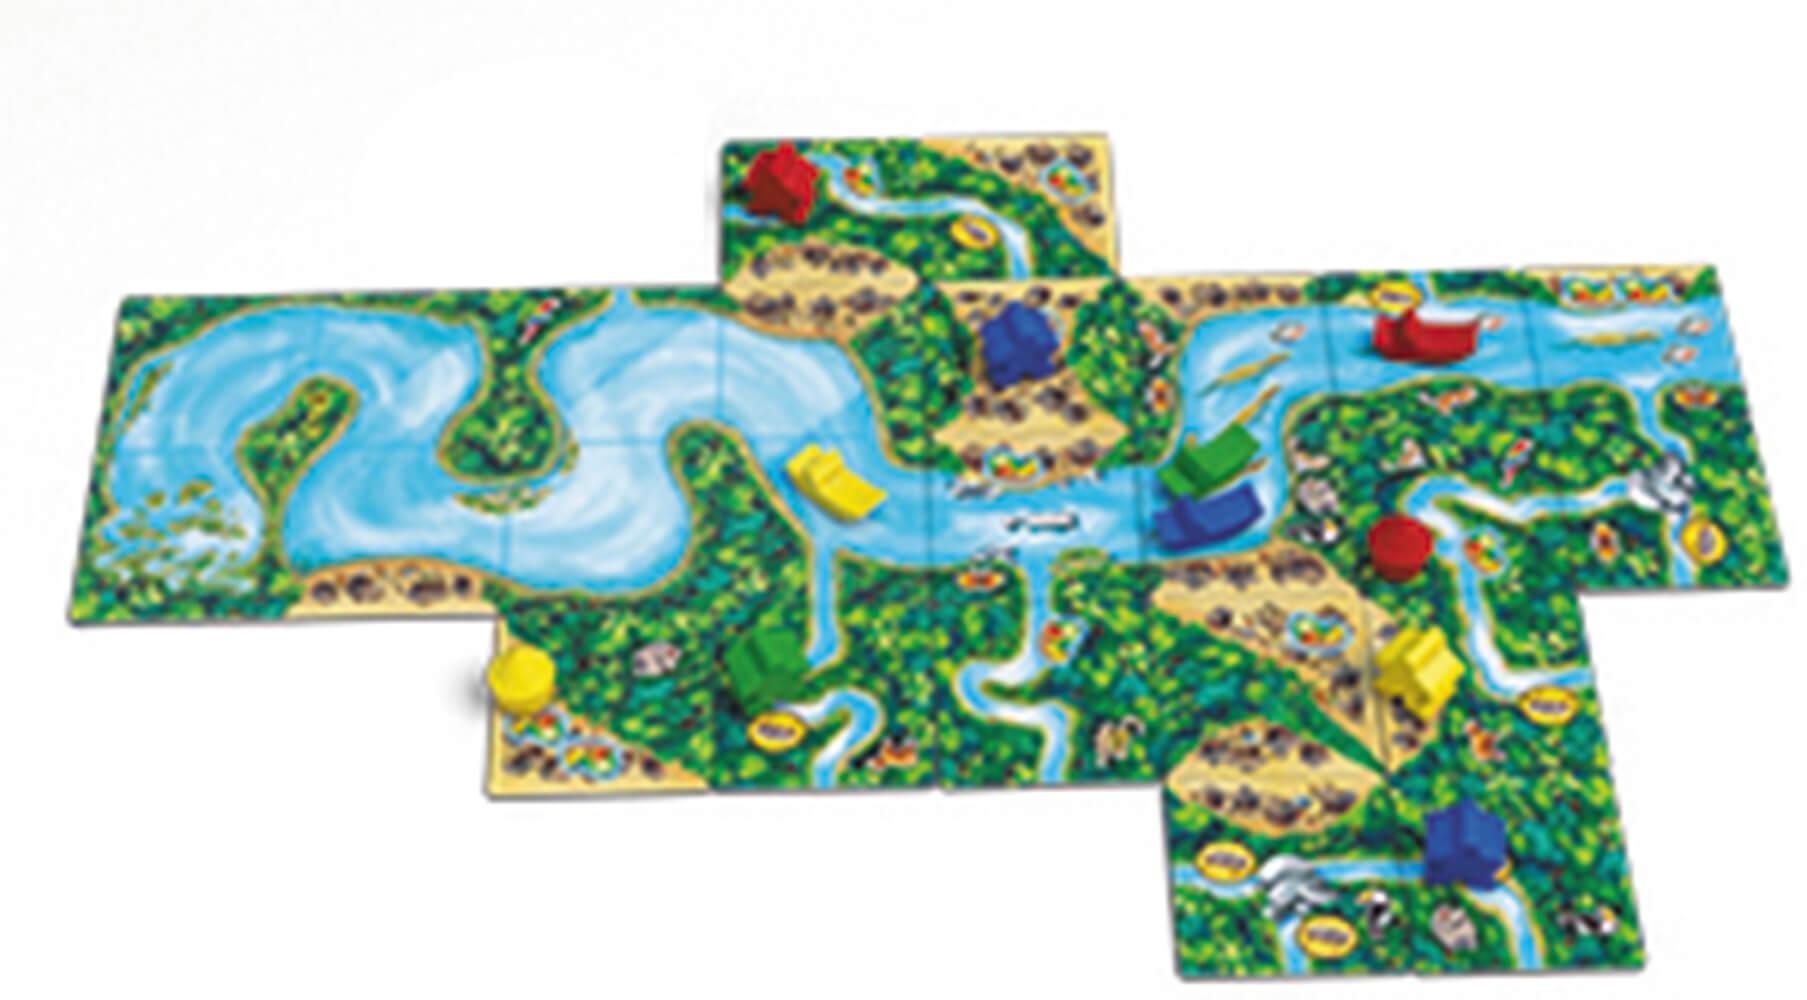 Spielmaterial - Spielplan mit Holzfiguren- Carcassonne - Amazonas